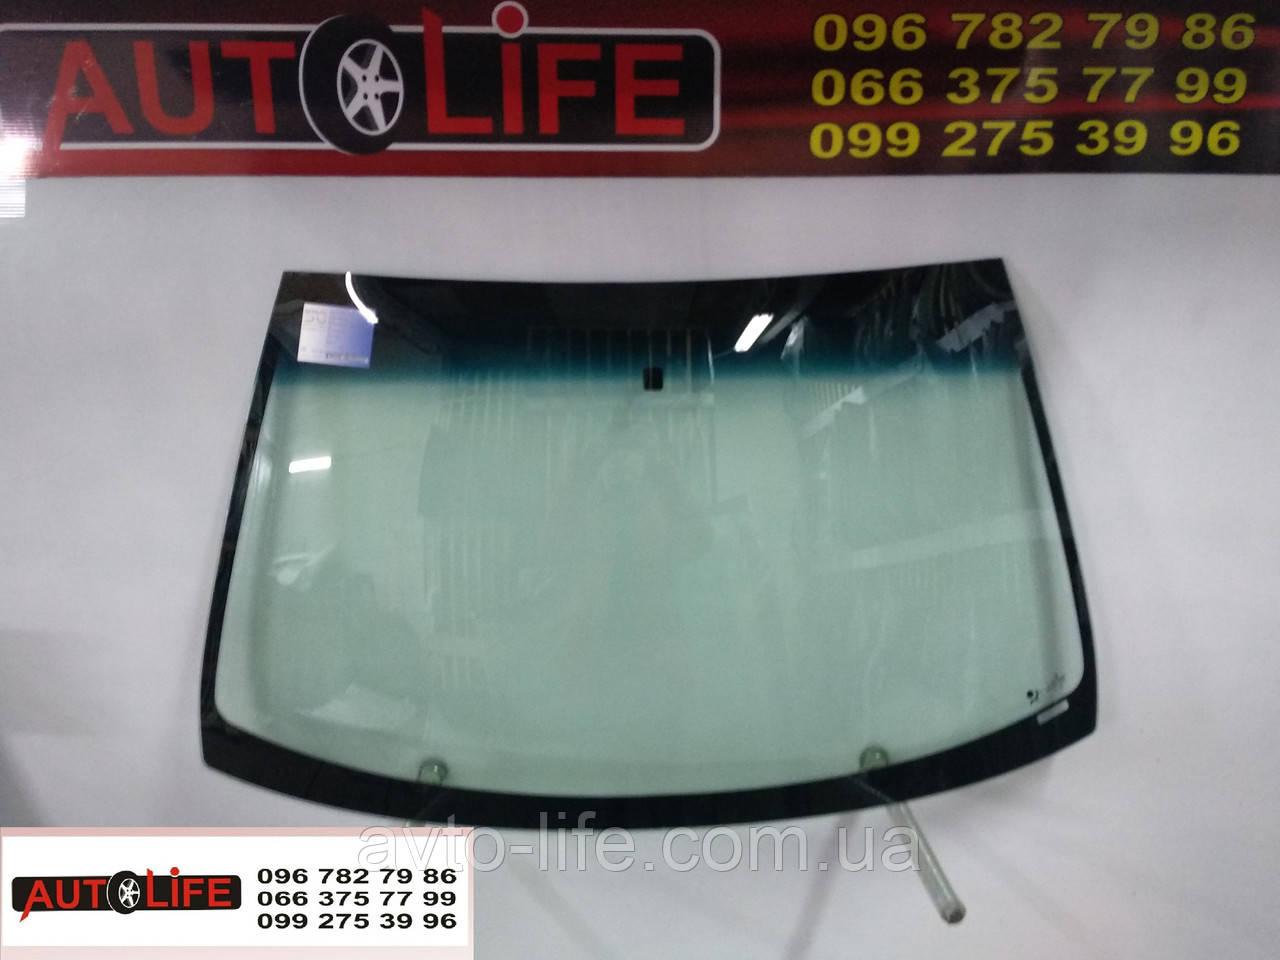 Лобовое стекло Dacia Sandero 2009-2012. Автостекло RENAULT SYMBOL